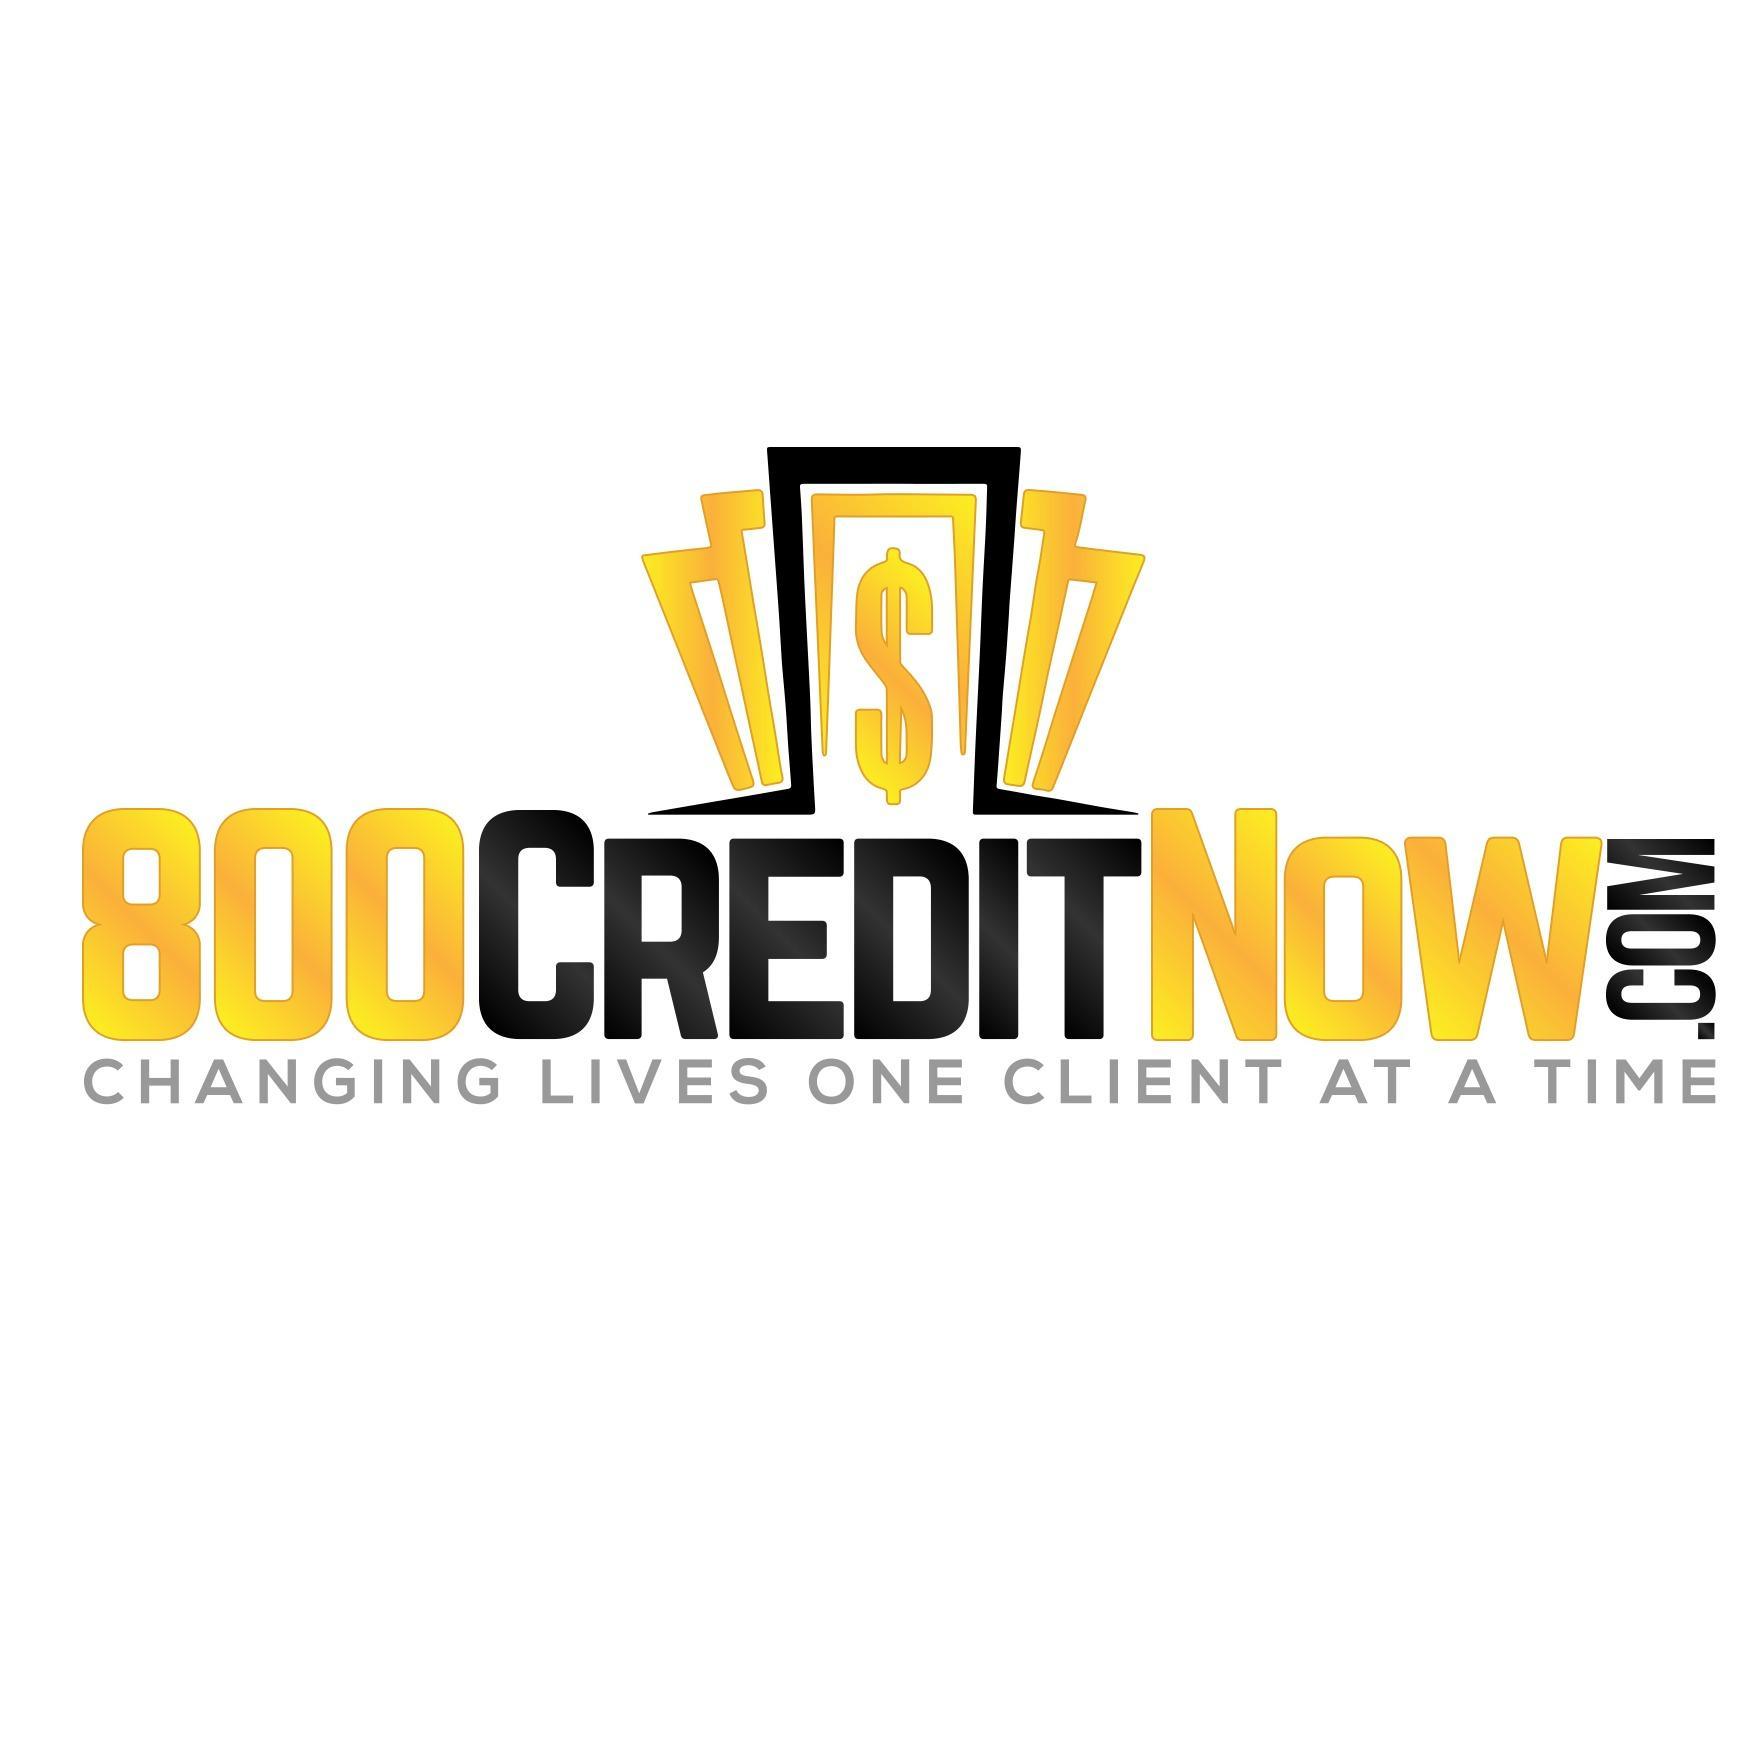 800CreditNow